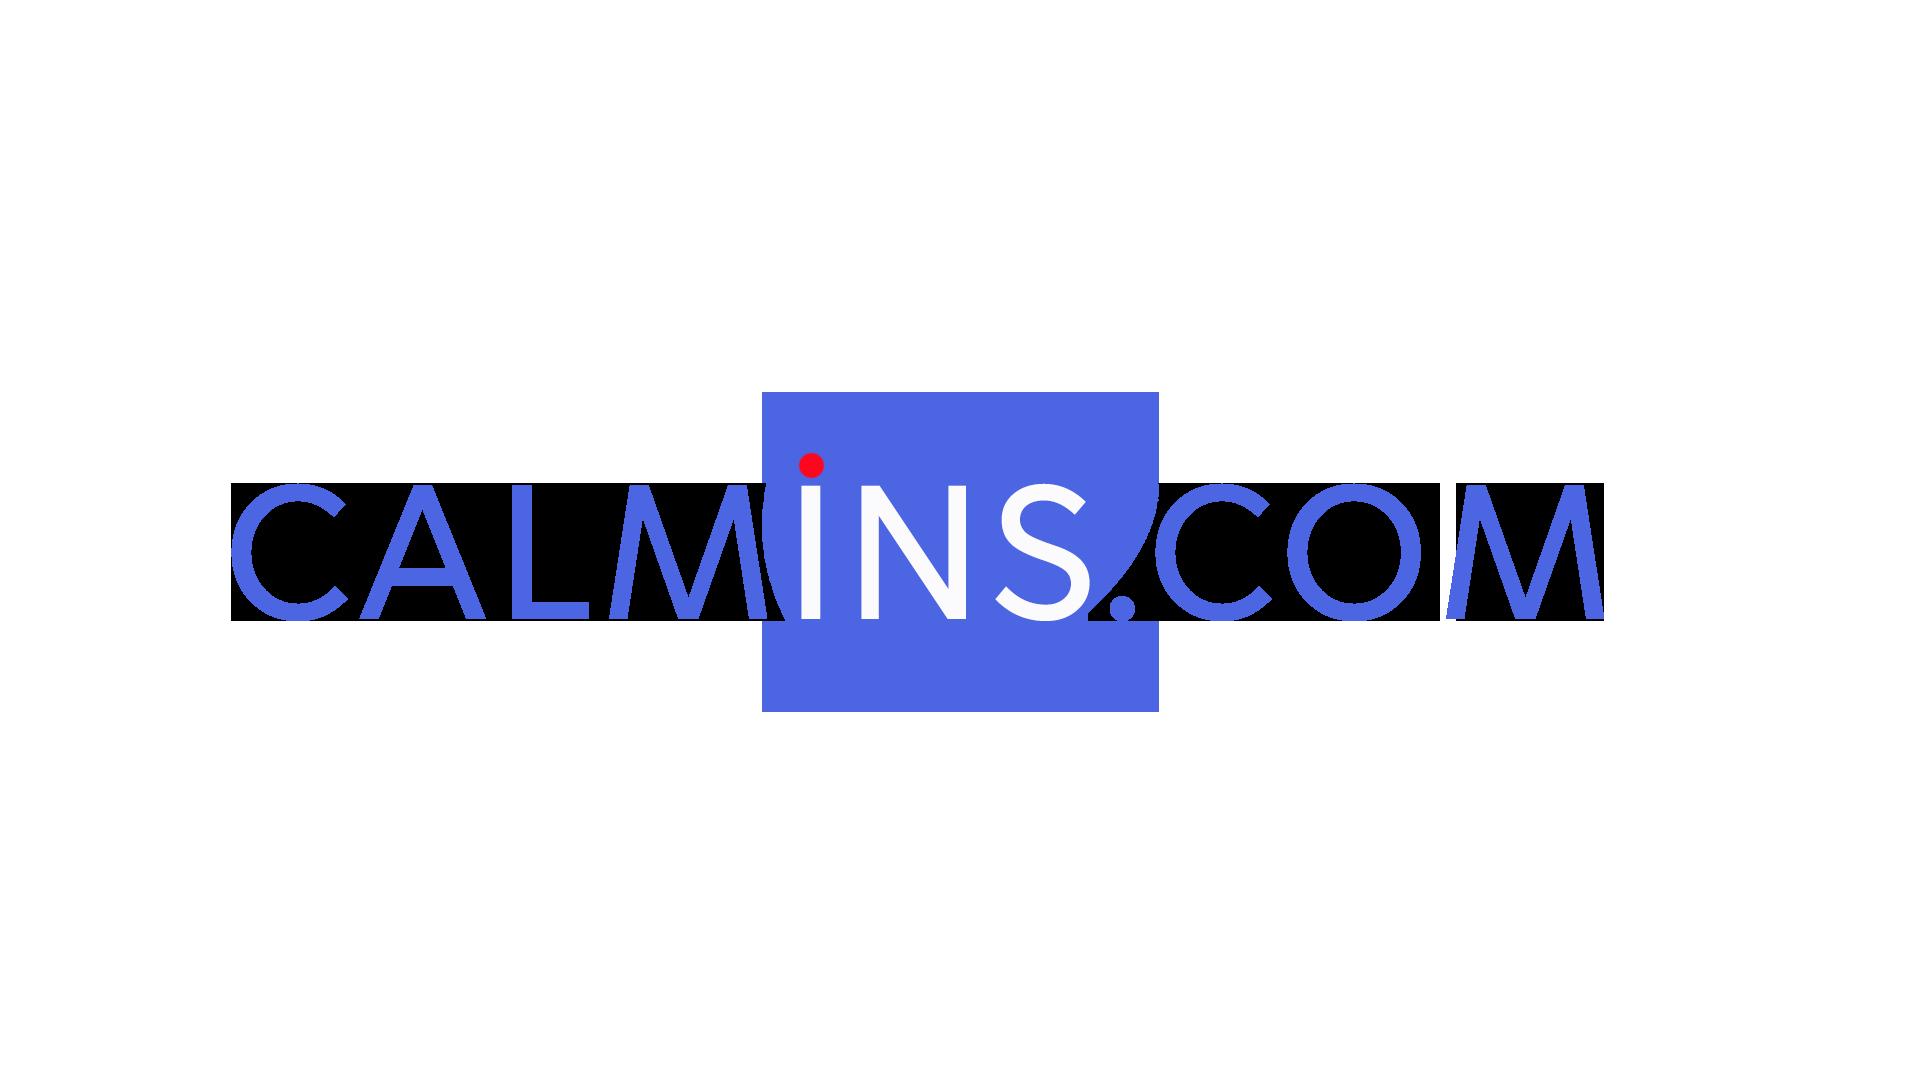 Calmins.com : как начать свое дело, или от идеи до 100 000 аудитории